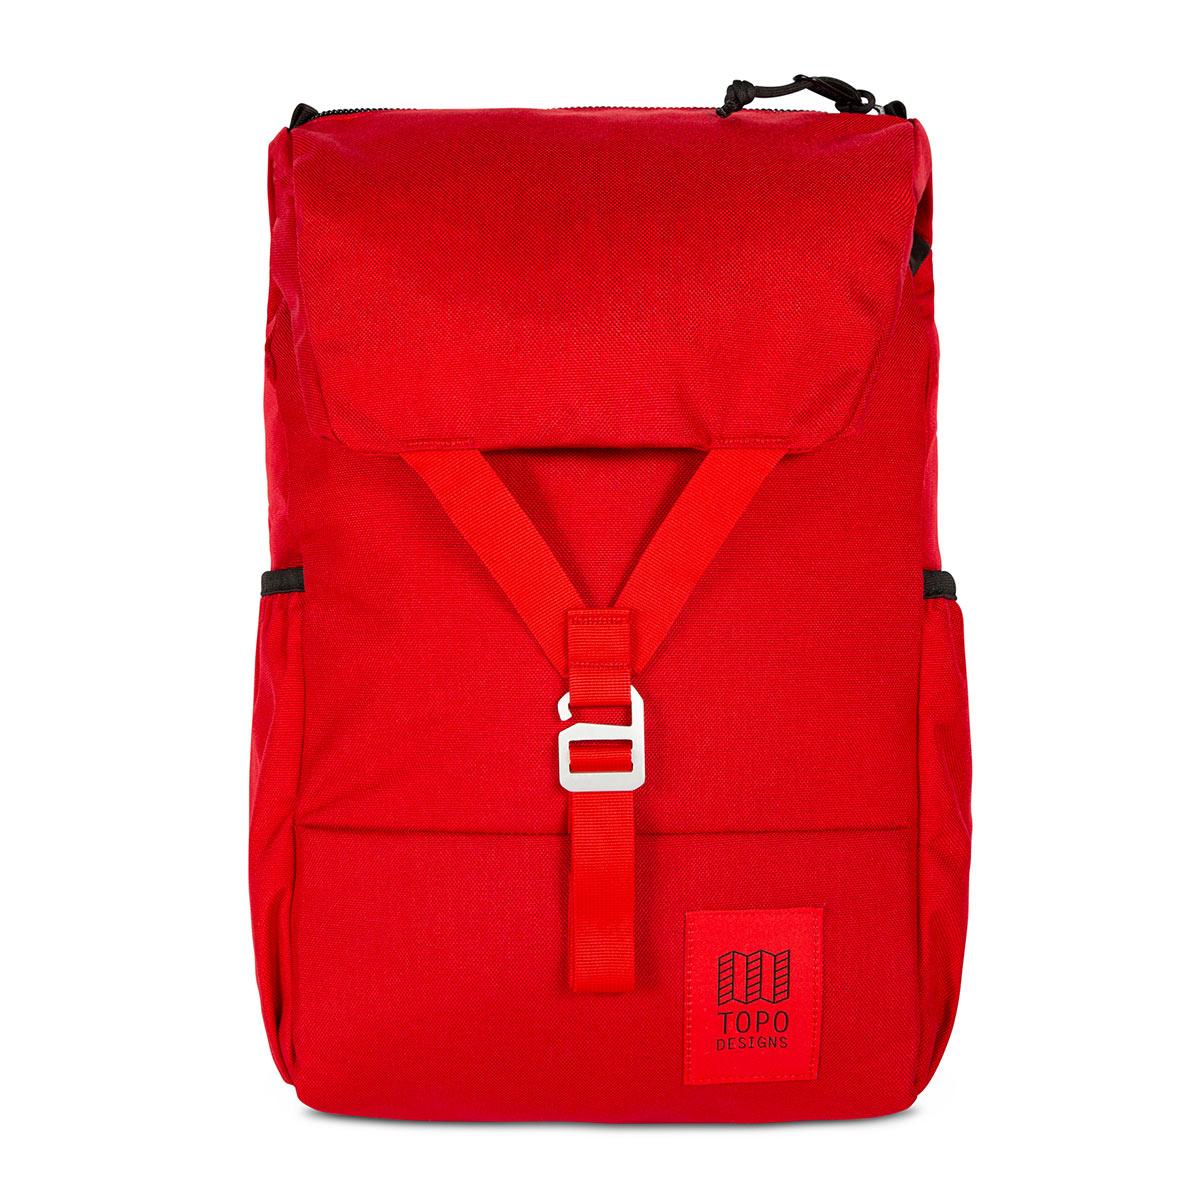 Topo Designs Y-Pack Red klassischen Stil und moderne Funktionalität